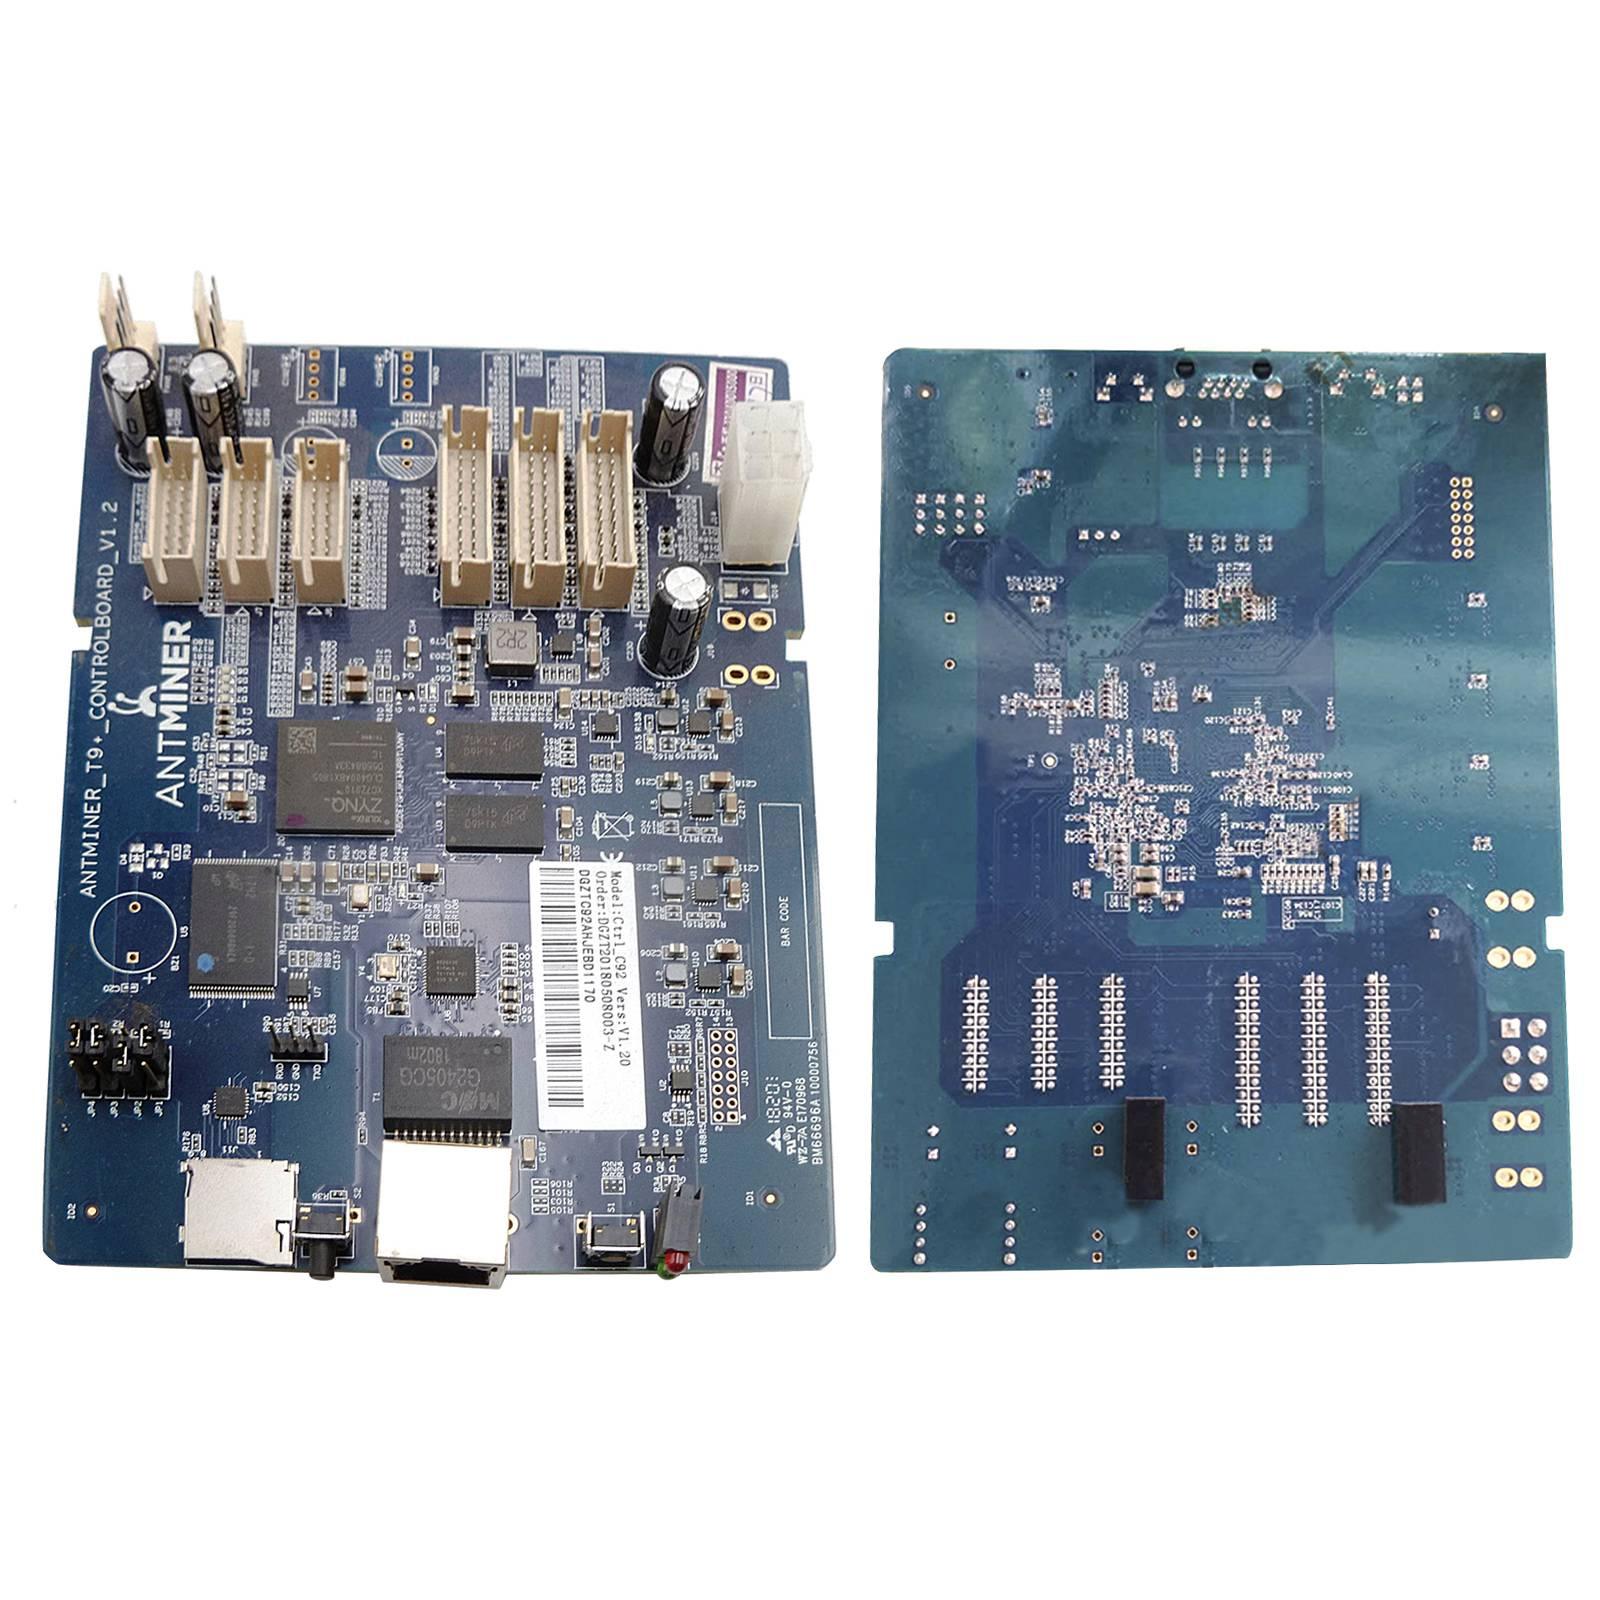 تستخدم جيدة ل Antminer E3 B3 T9 + S9 B3 E3 لوحة تحكم 13.5T أو 14T (3 مجلس) التعدين مجلس 2X مروحة موصل إيثرنت 10/100Mbps